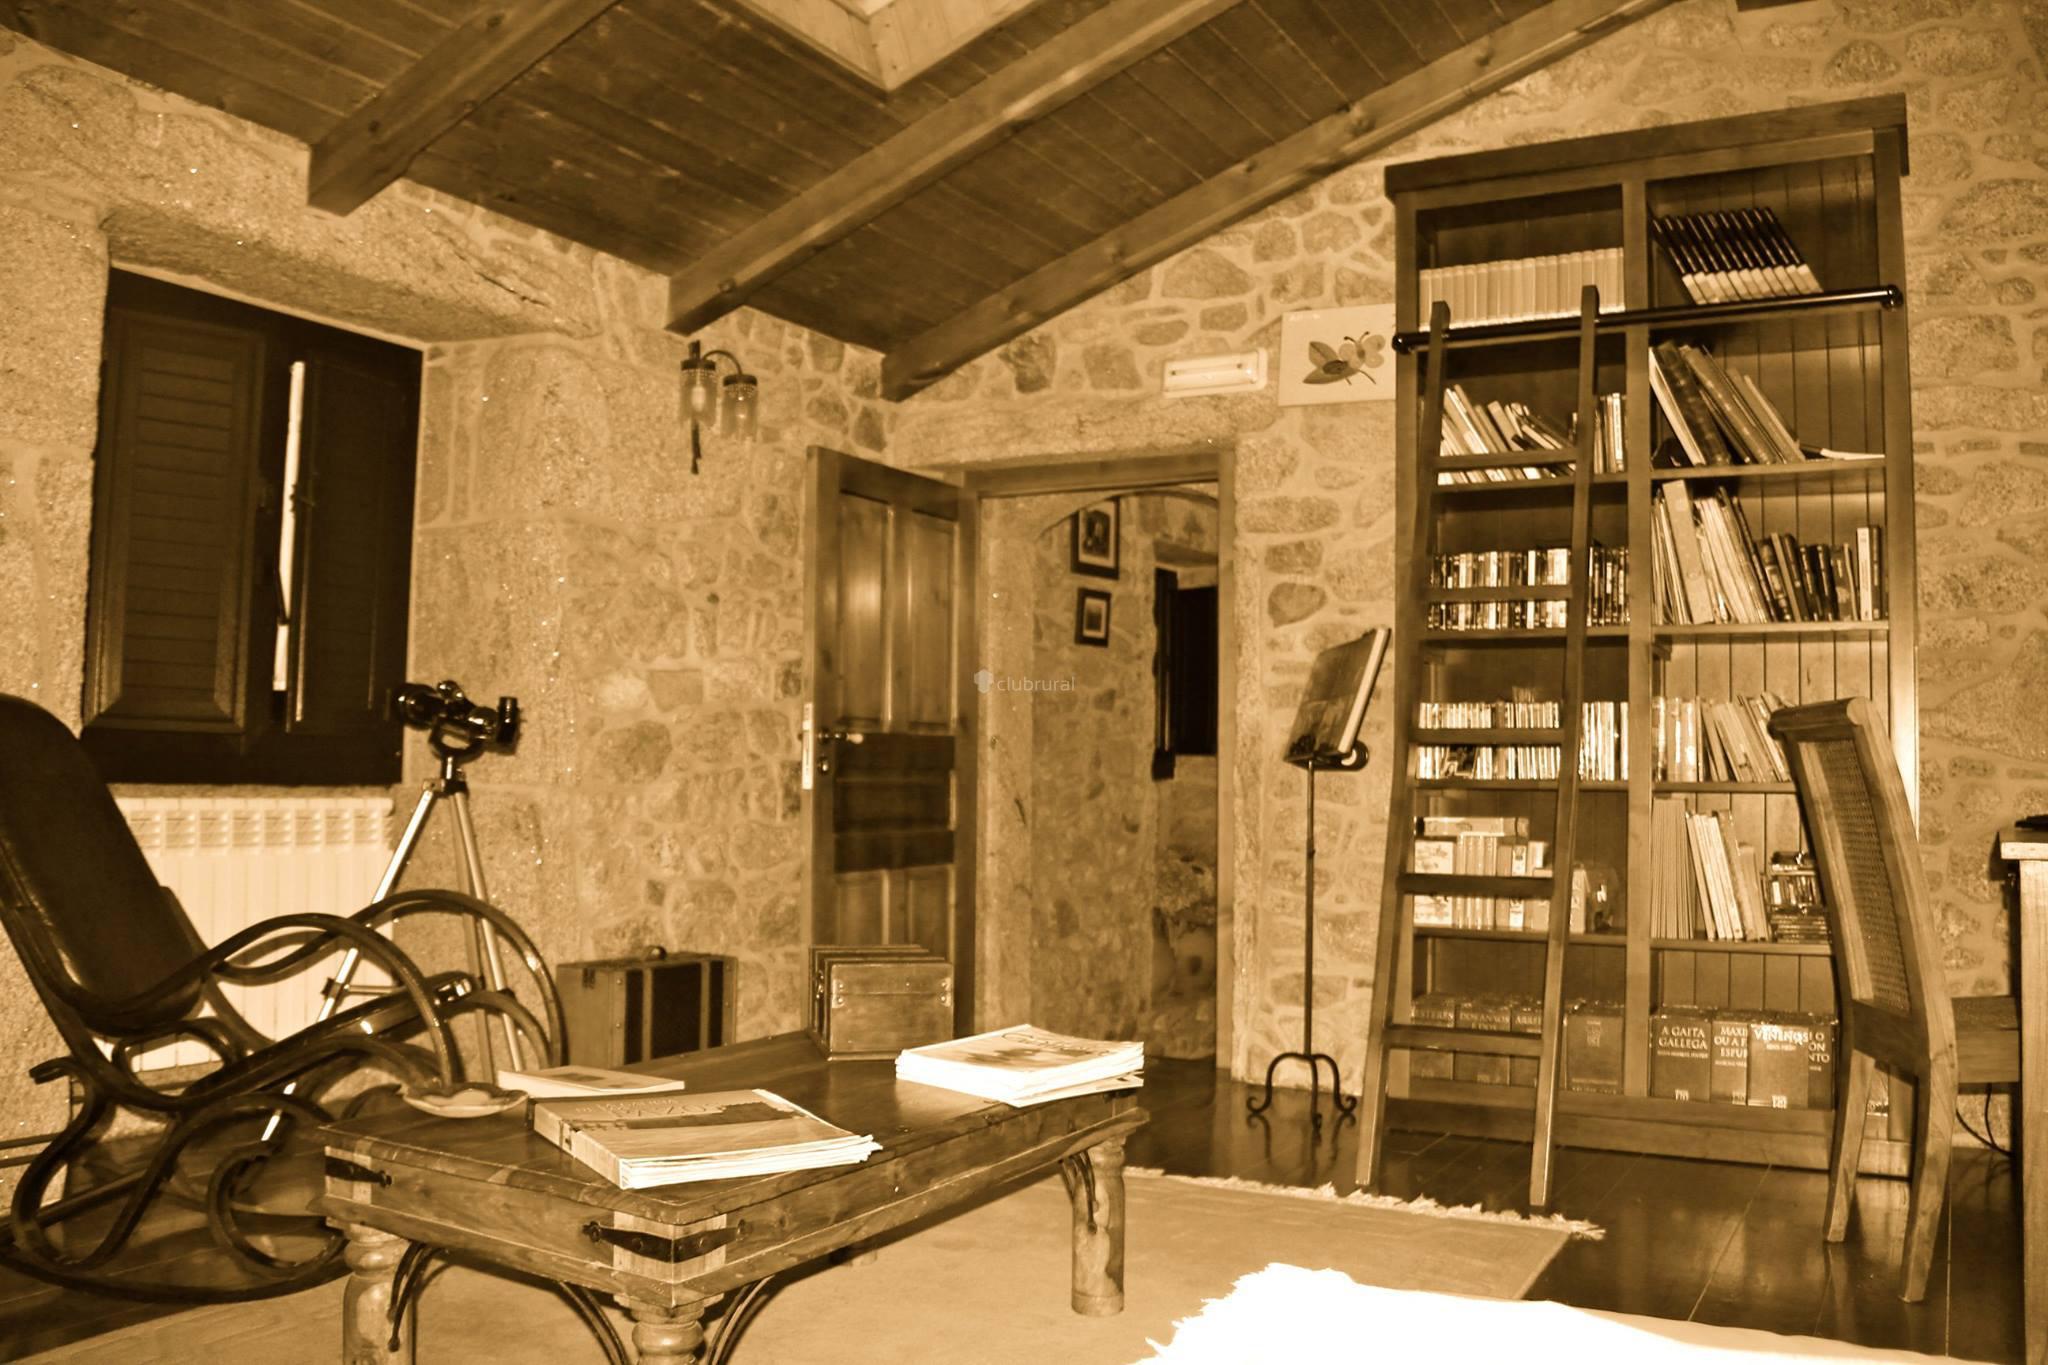 Fotos de casa de lema a coru a muxia clubrural - Casa a coruna ...